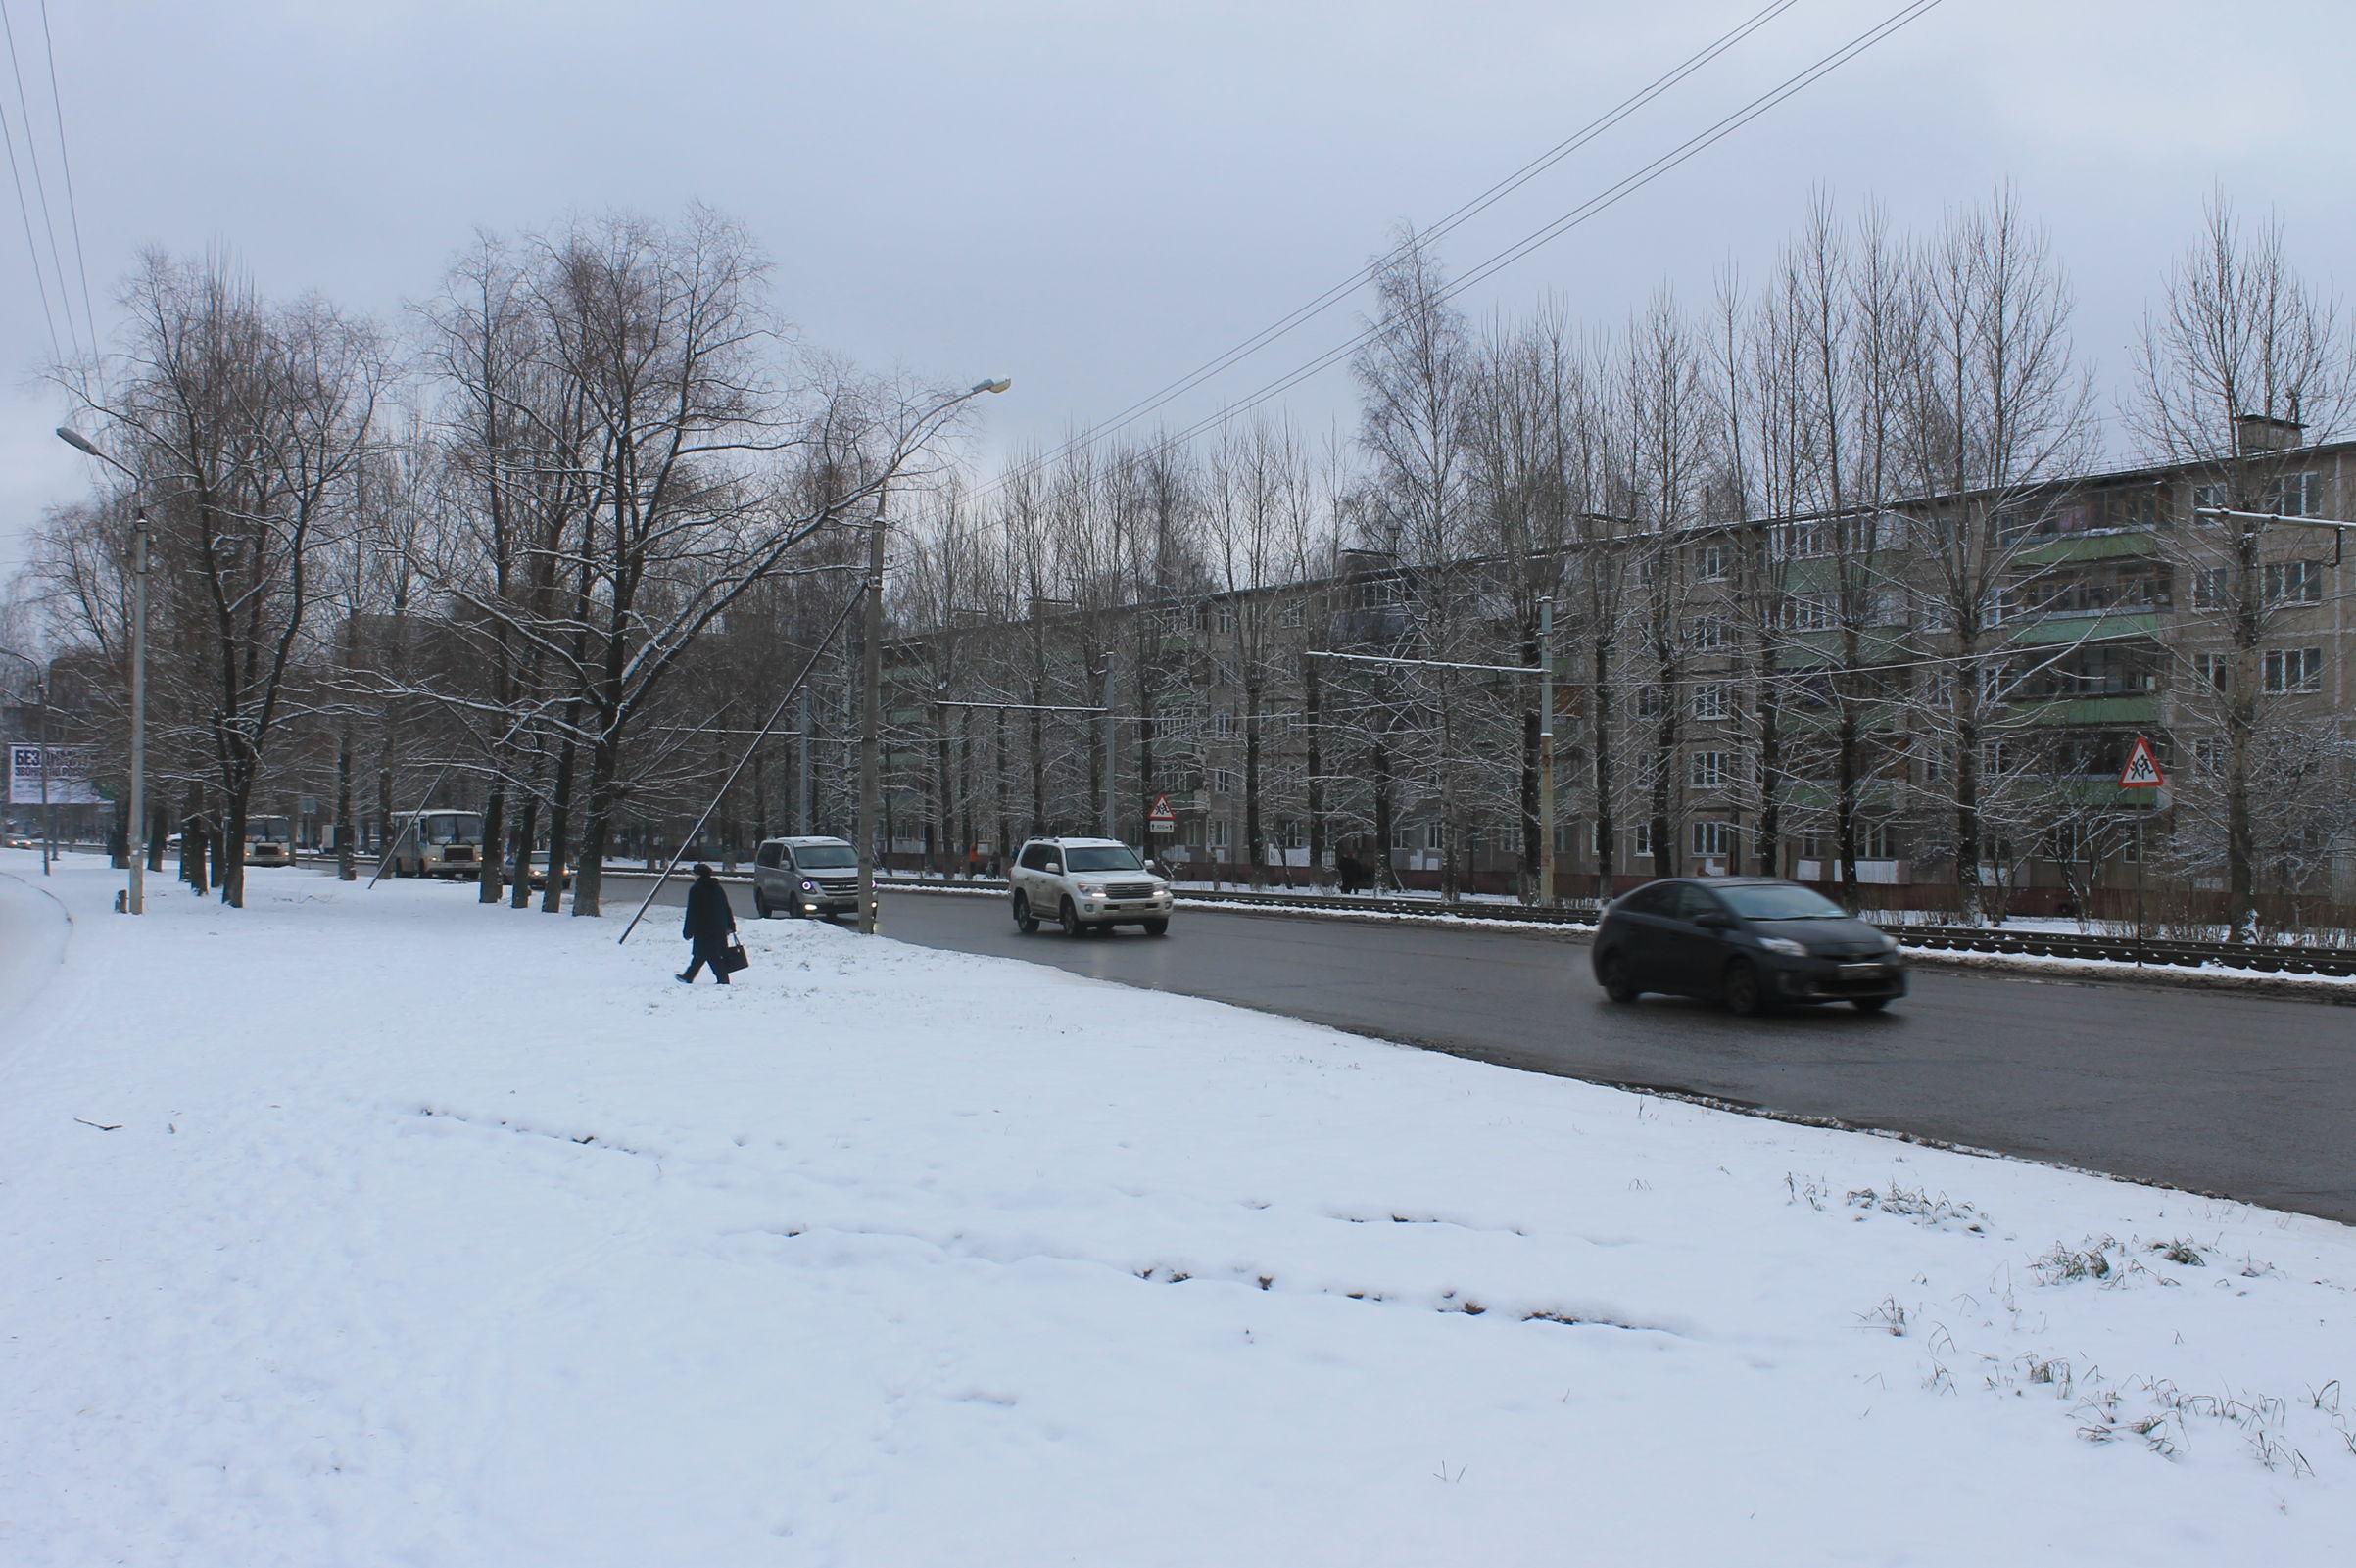 Дороги расчищены до асфальта: «Горзеленхоз» отчитался об уборке города